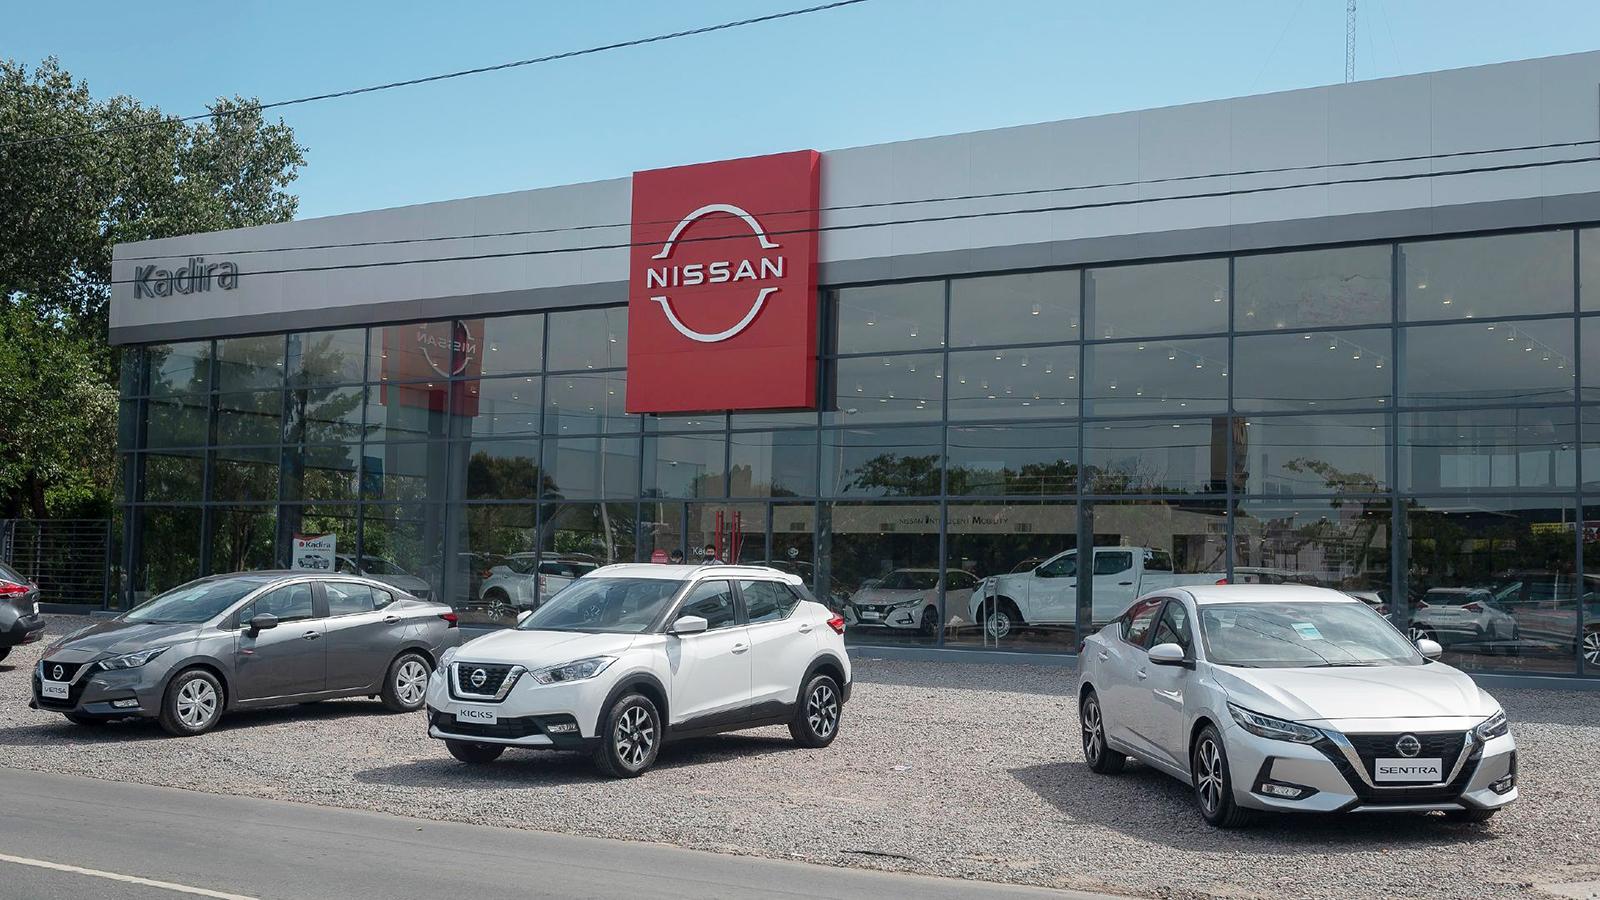 Nissan continúa expandiendo su red de concesionarios en el país